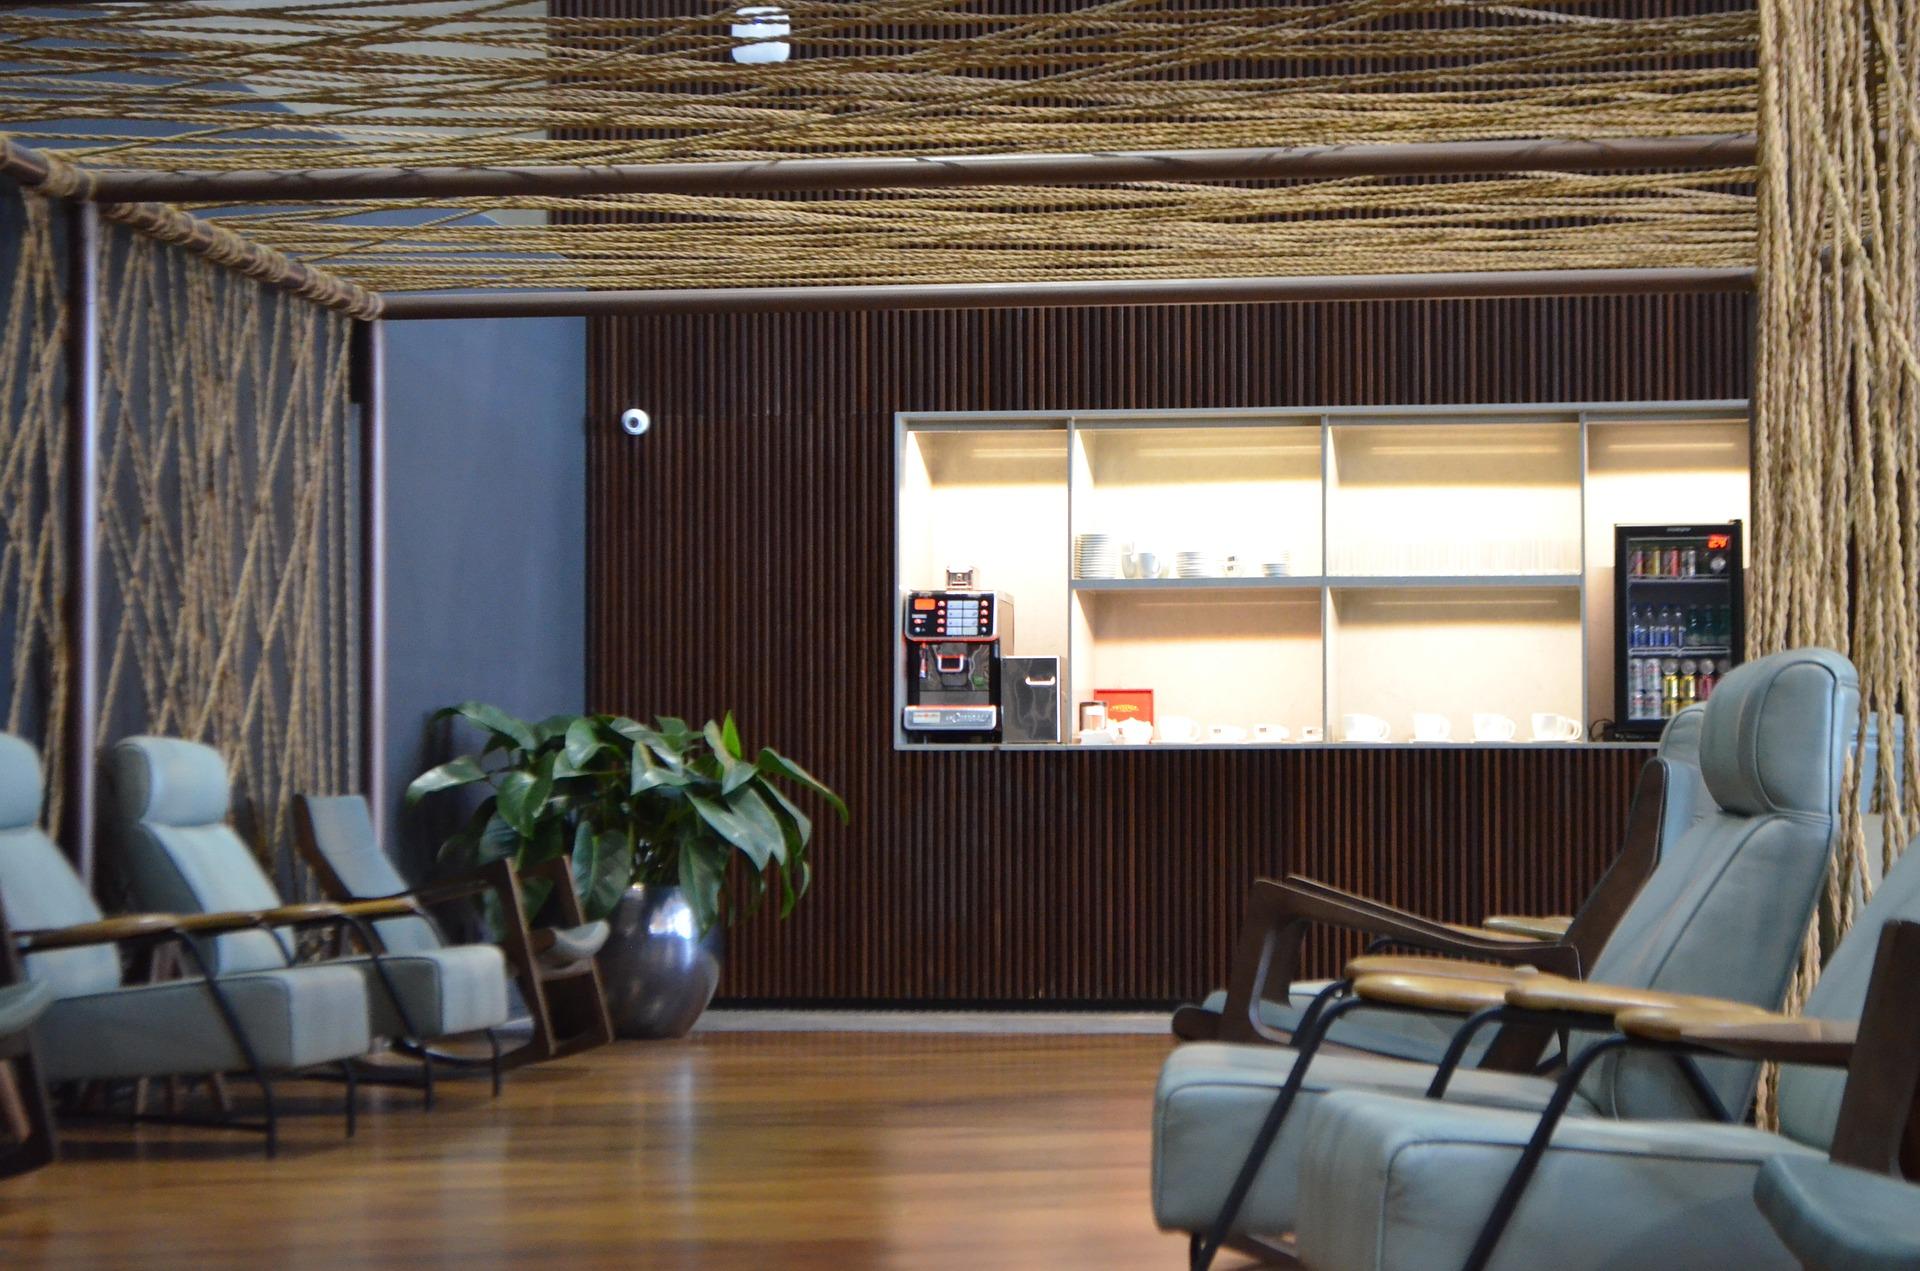 Na imagem há uma sala com poltronas de cores cinzas, um local para consumo de bebidas geladas e quentes e um vaso com plantas no canto esquerdo da imagem.